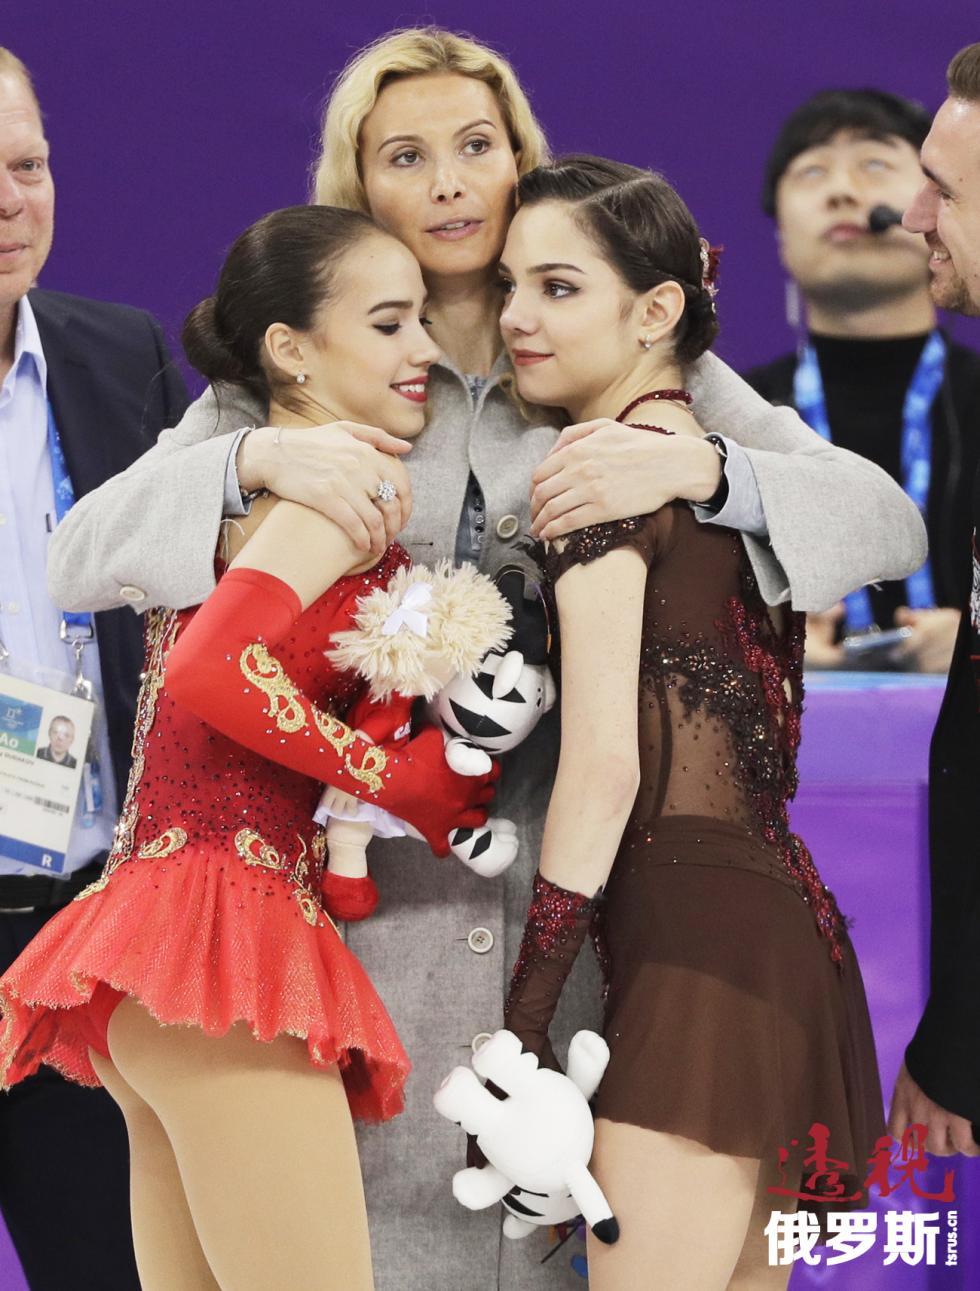 阿琳娜·扎吉托娃、埃杰里·图特别里泽与叶甫根尼娅·梅德韦杰娃。图片来源:AP